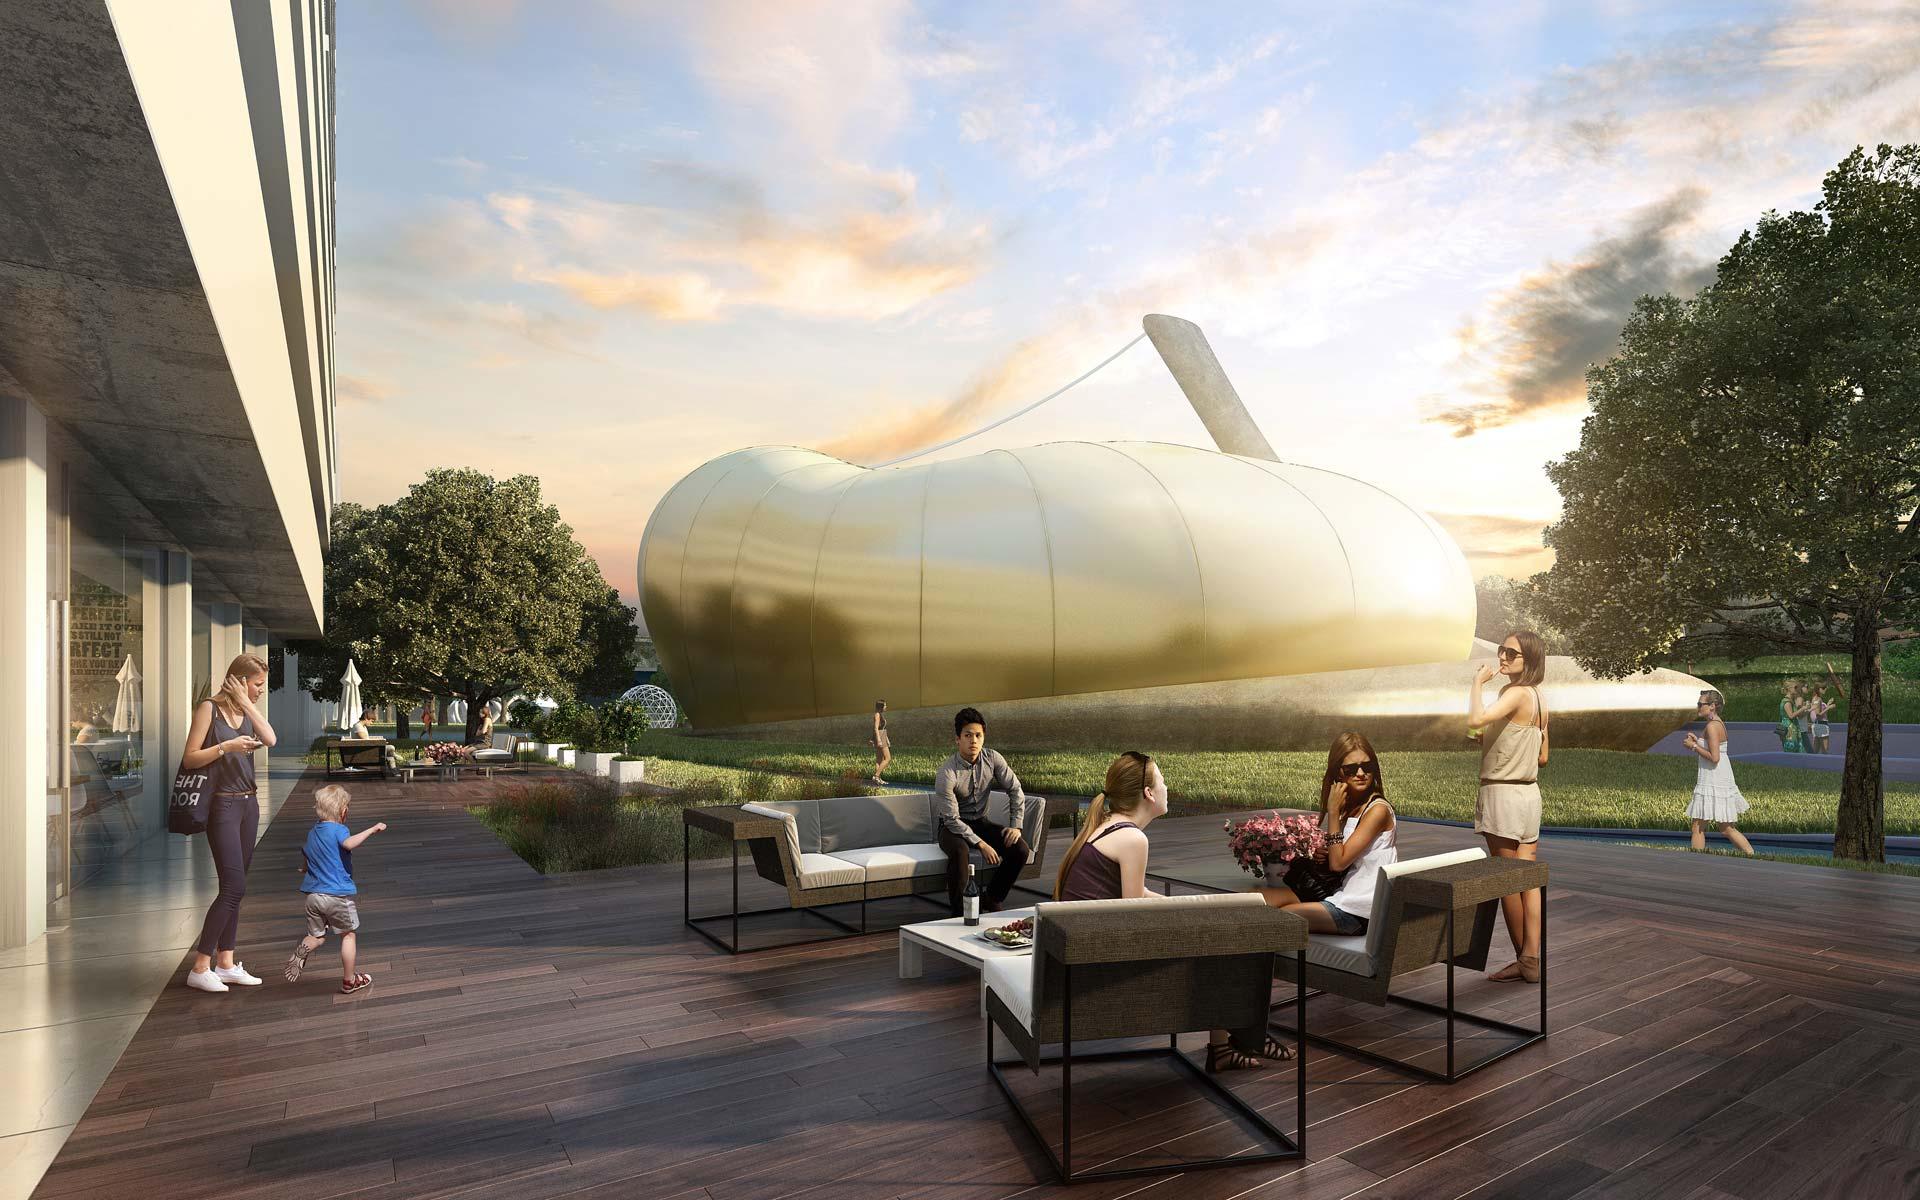 Arquitectura y Paisaje, Concurso Parque de las Ciencias, vista del Pabellón desmontable e inflable dorado desde el bar